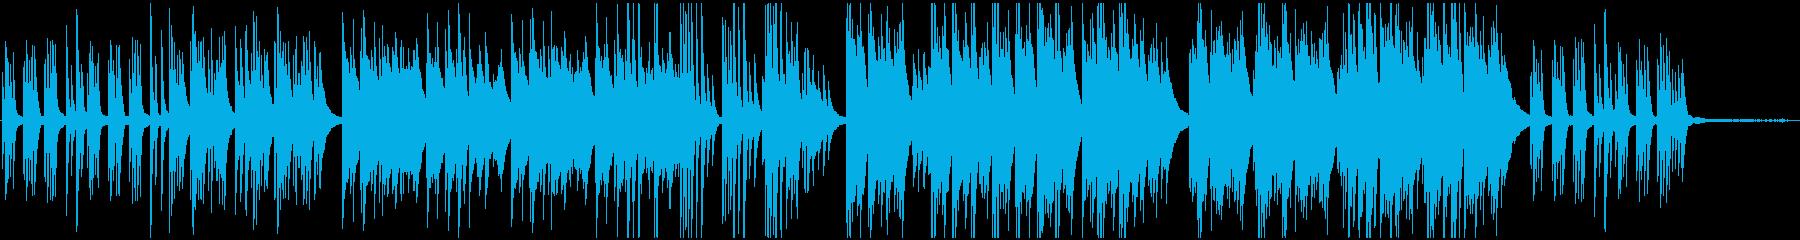 切ないピアノ曲 癒し系 作業用BGMの再生済みの波形